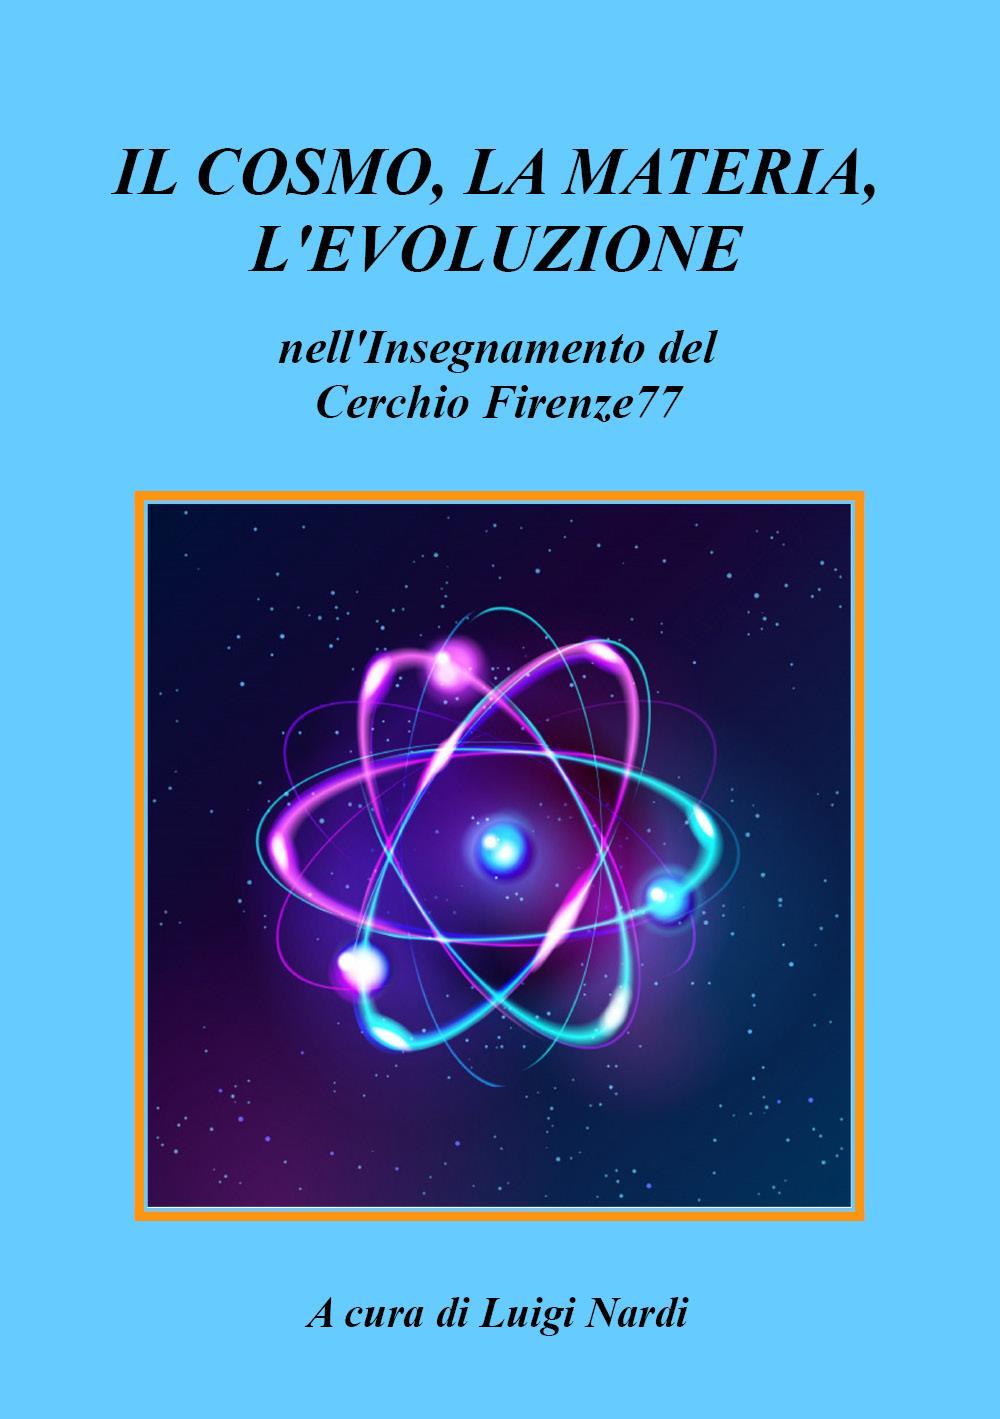 Il Cosmo, la Materia, l'Evoluzione nell'Insegnamento del Cerchio Firenze77